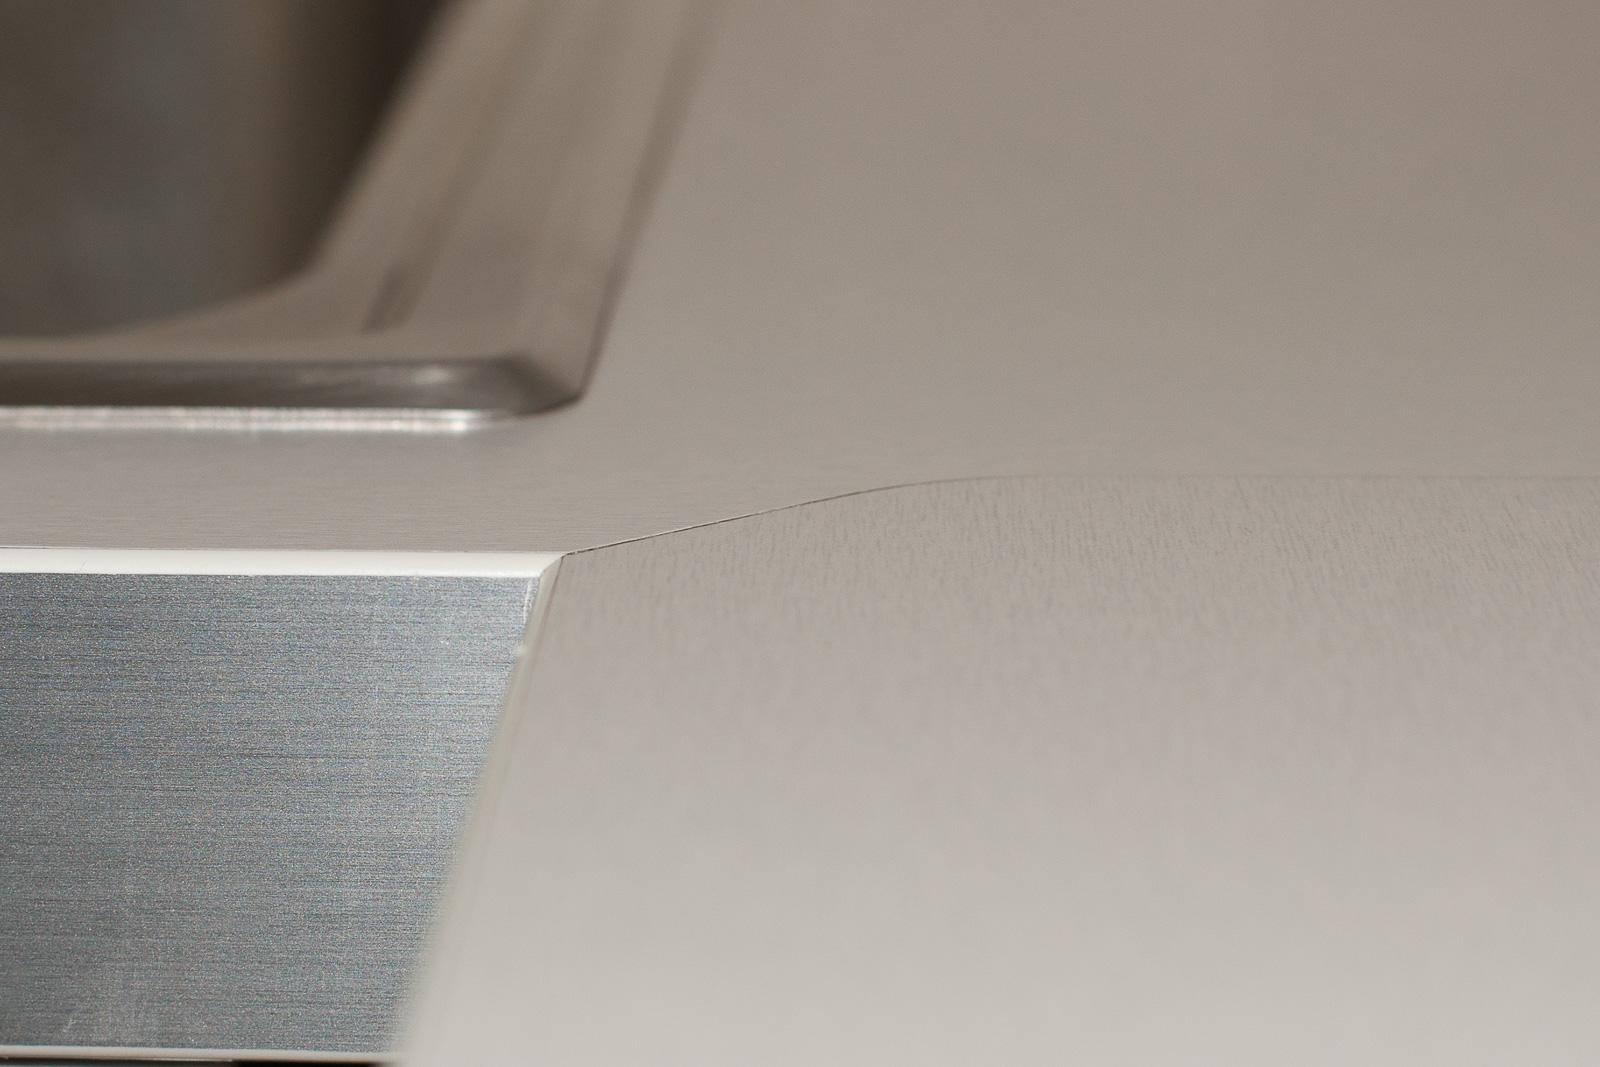 стыкование деталей столешницы